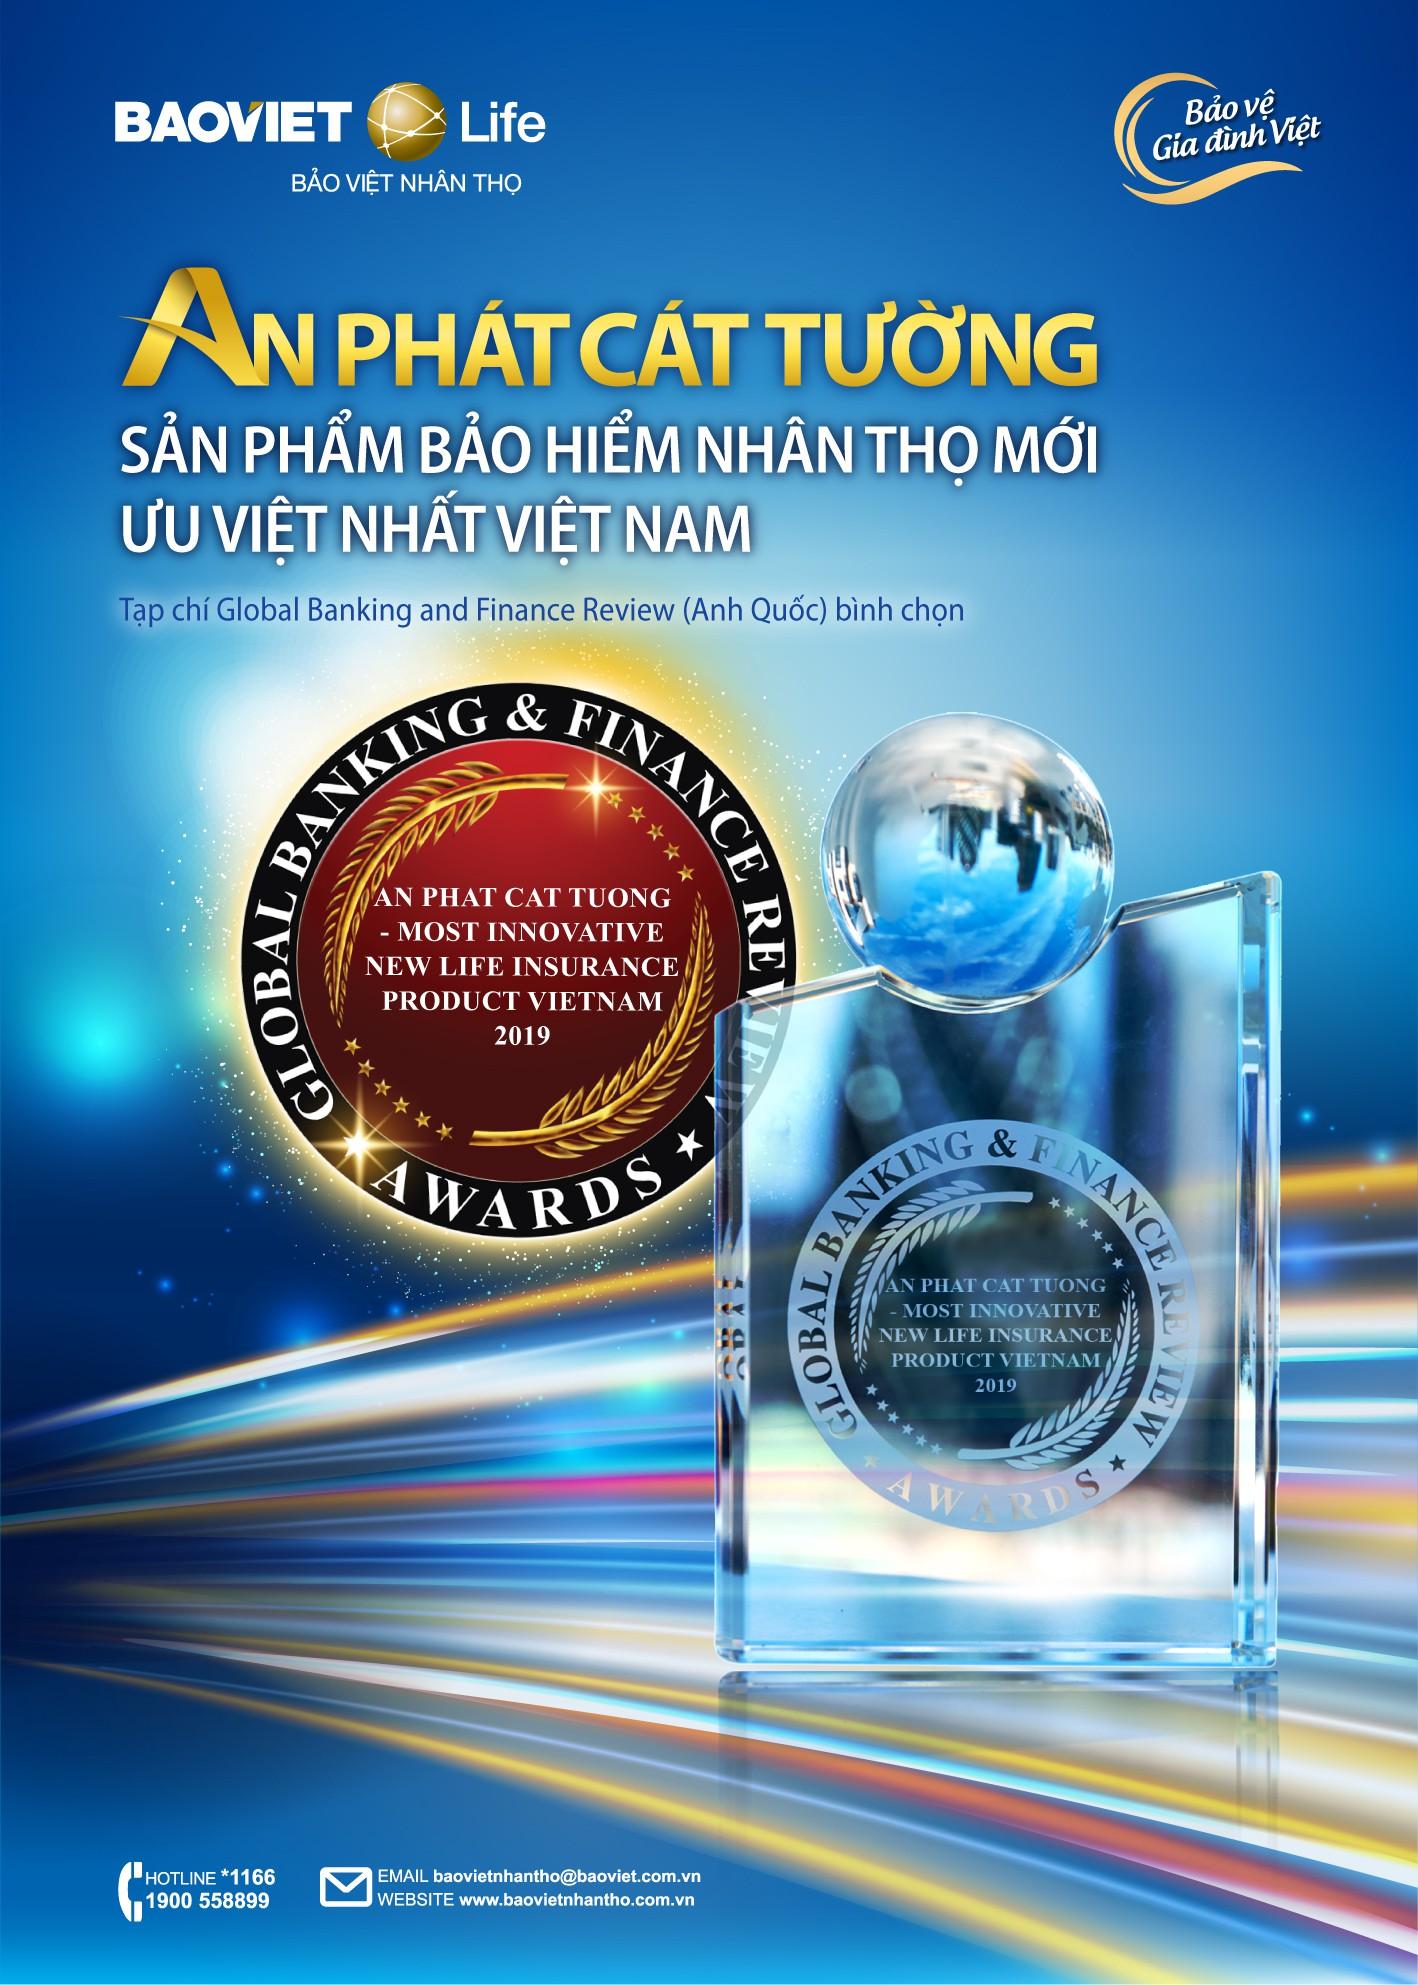 An Phát Cát Tường - Sản phẩm bảo hiểm nhân thọ mới ưu việt nhất Việt Nam 2019 (2)